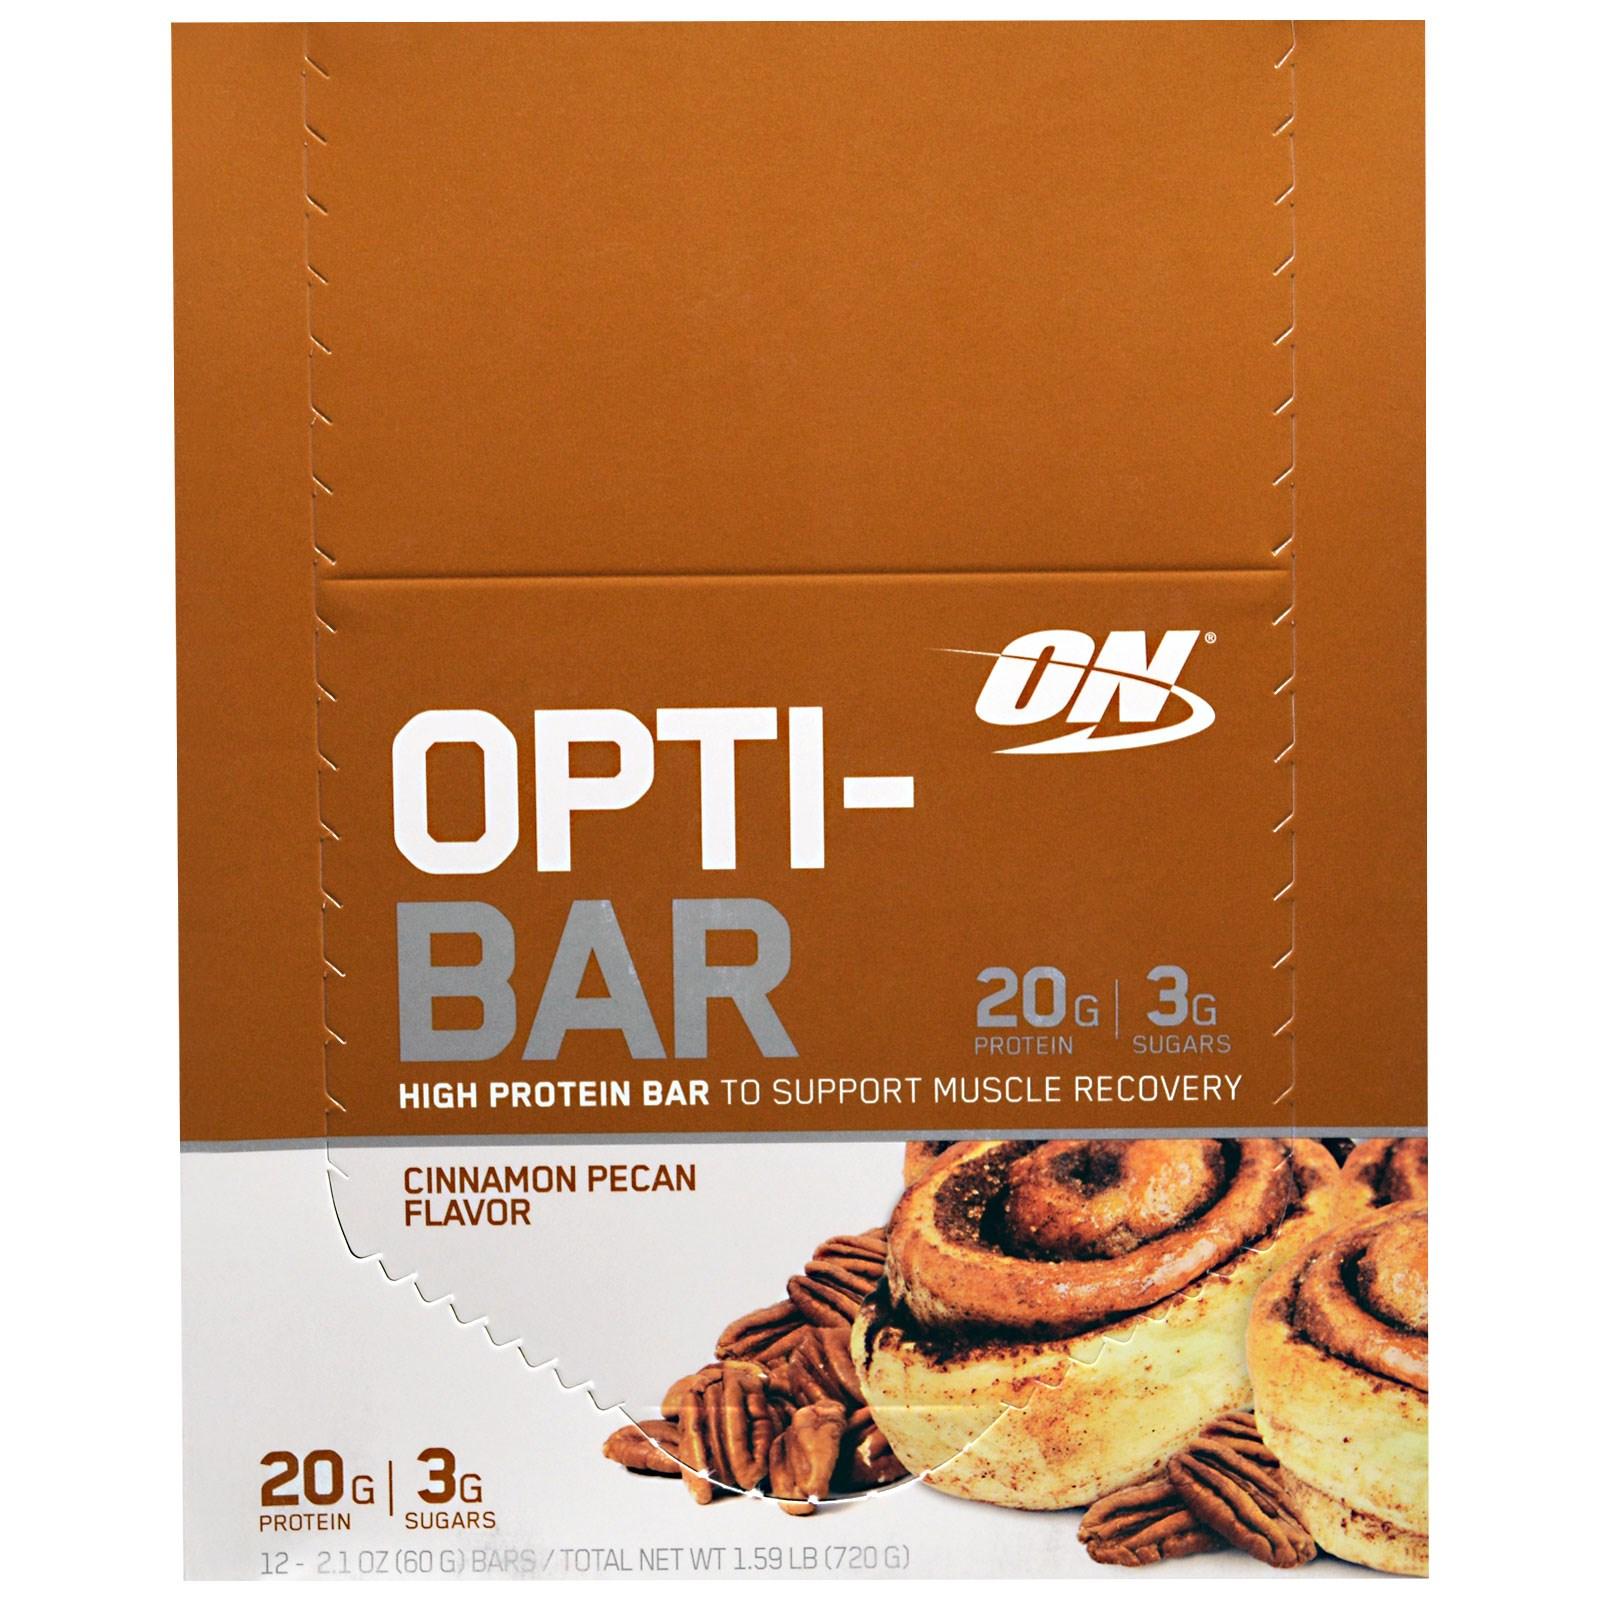 Optimum Nutrition, Opti-Bar Батончик с высоким содержанием протеина, Корица и пекан, 12 батончиков, 2,1 унции (60 г) каждый